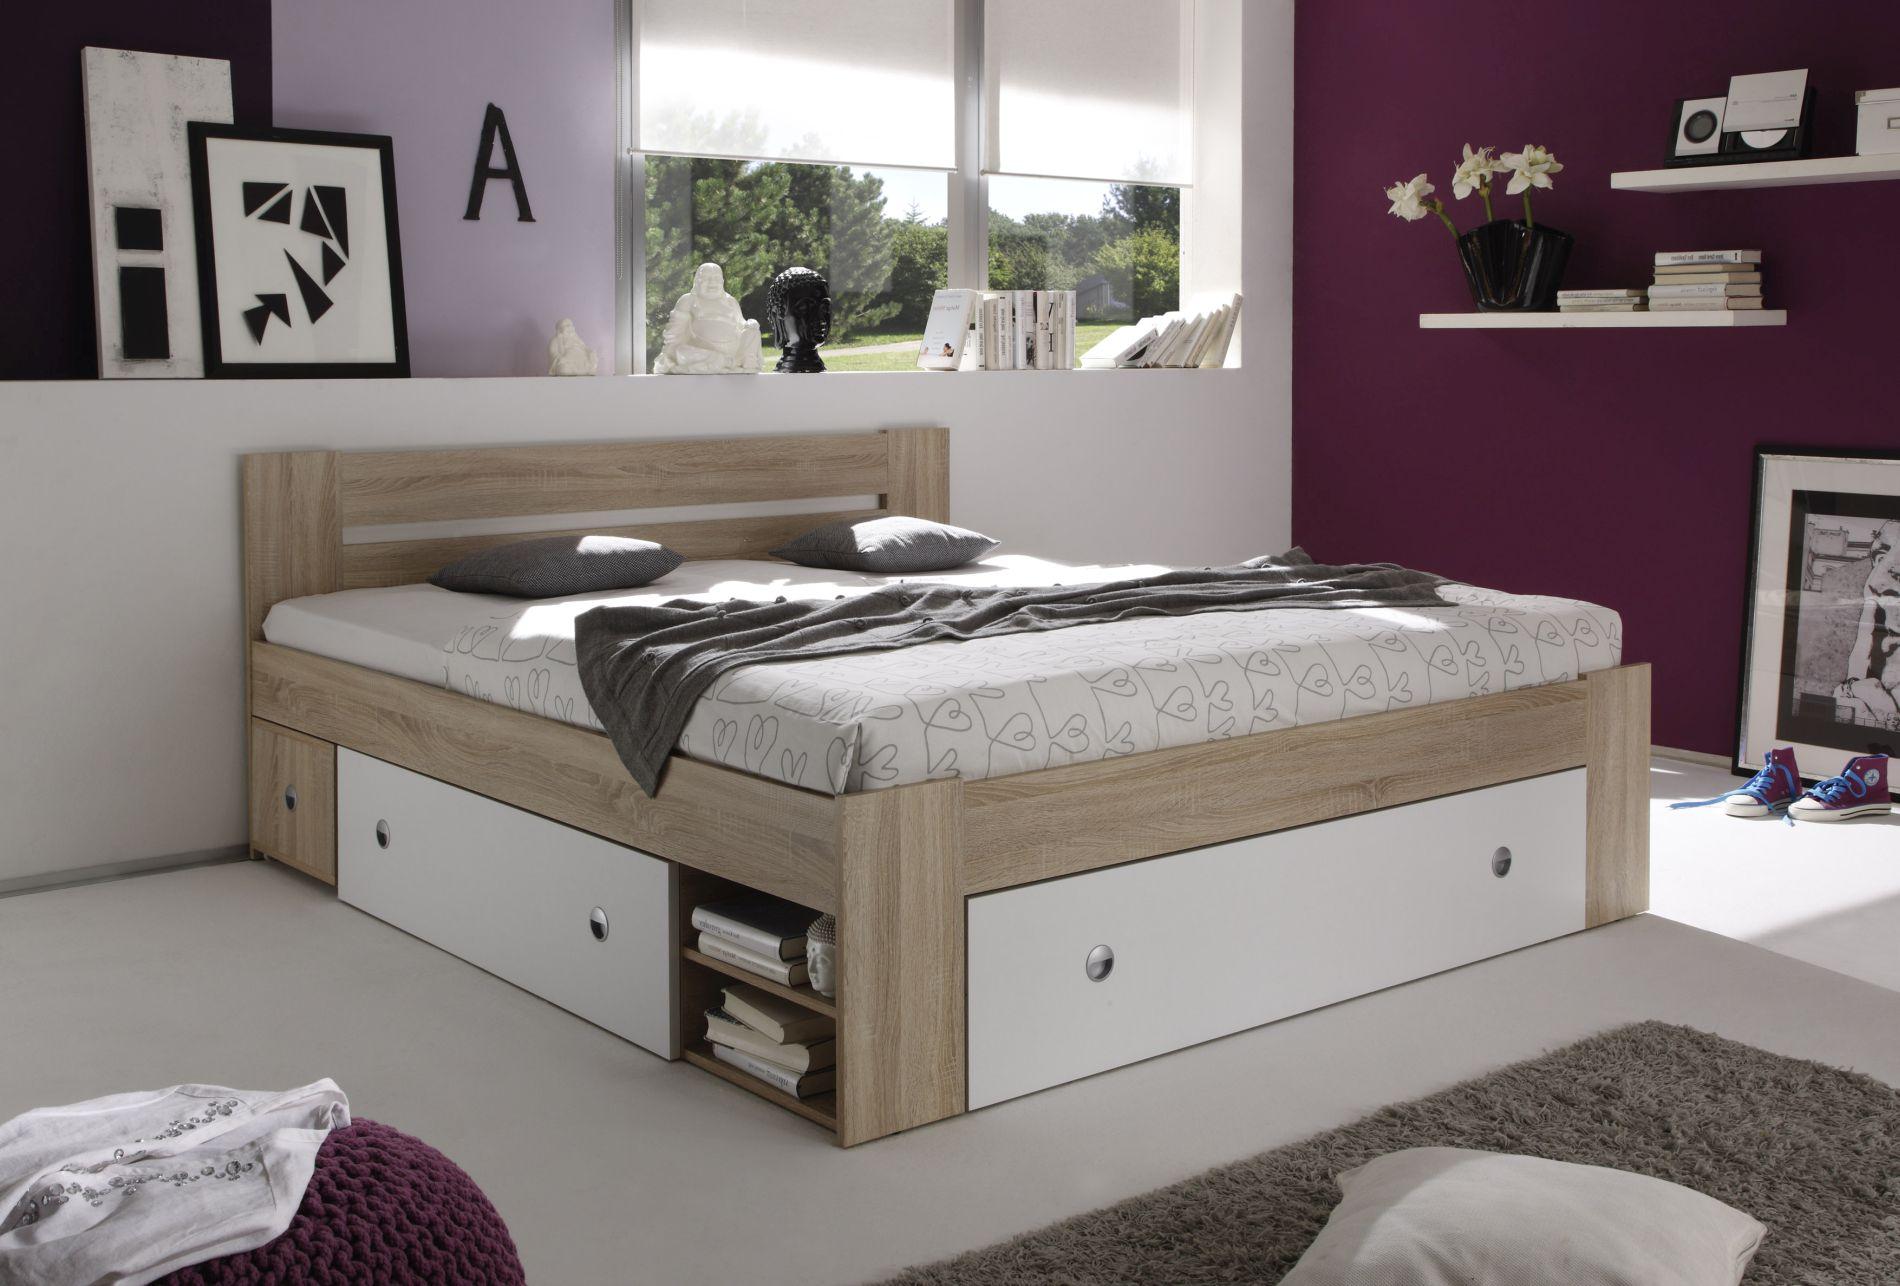 Futonbett stefan einzelbetten schlafzimmer sortiment pack zu m bel sb und k chen discount - Schlafzimmer stefan ...